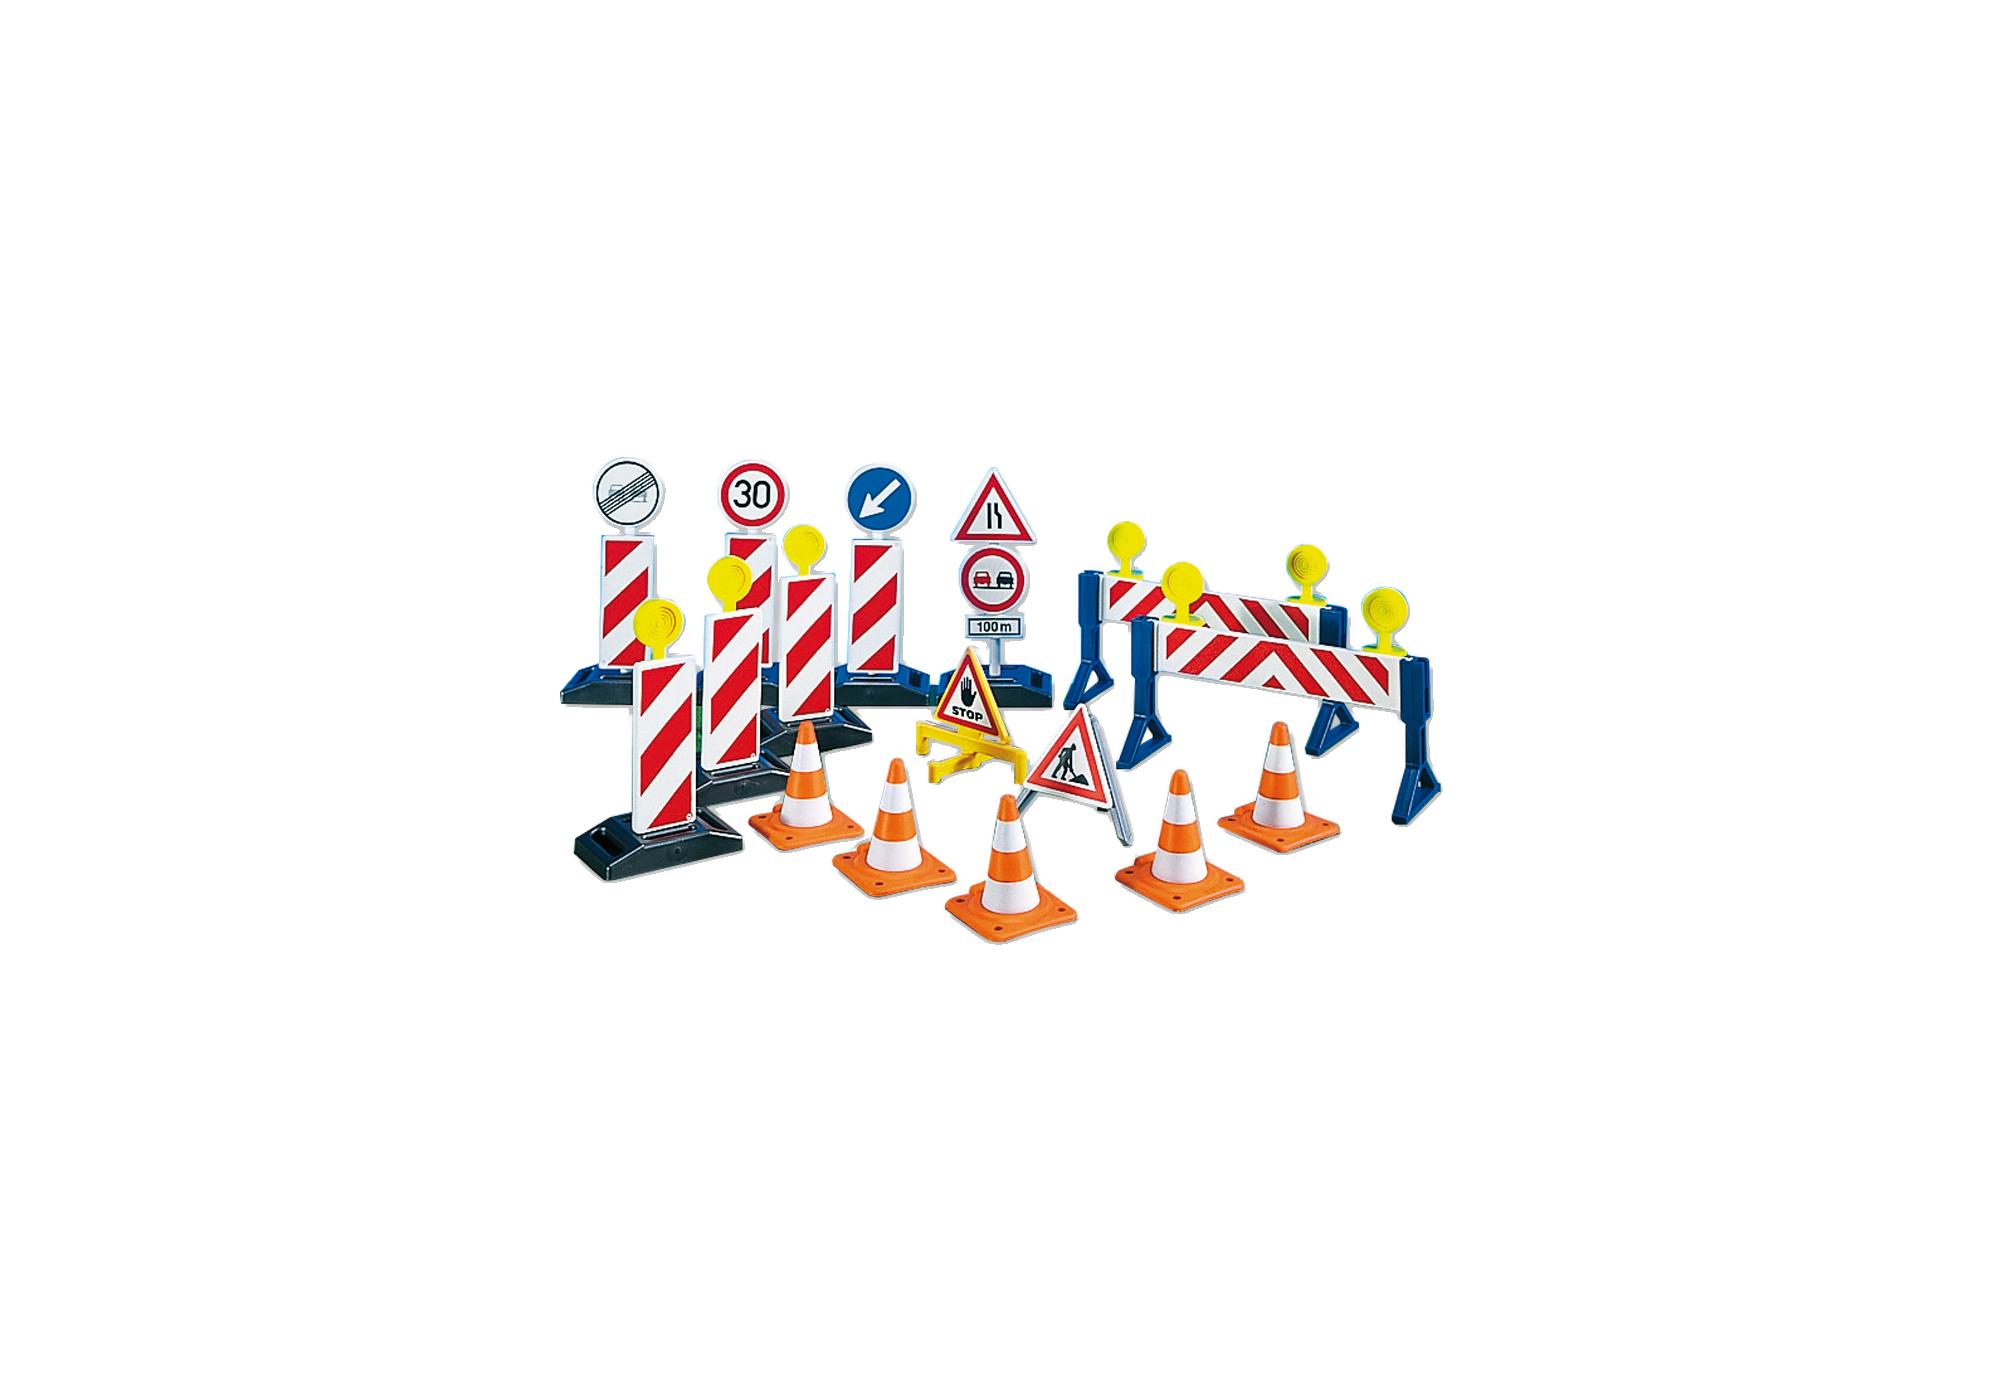 Baustellenschilder zum ausdrucken  Baustellenschilder - 7280 - PLAYMOBIL® Deutschland